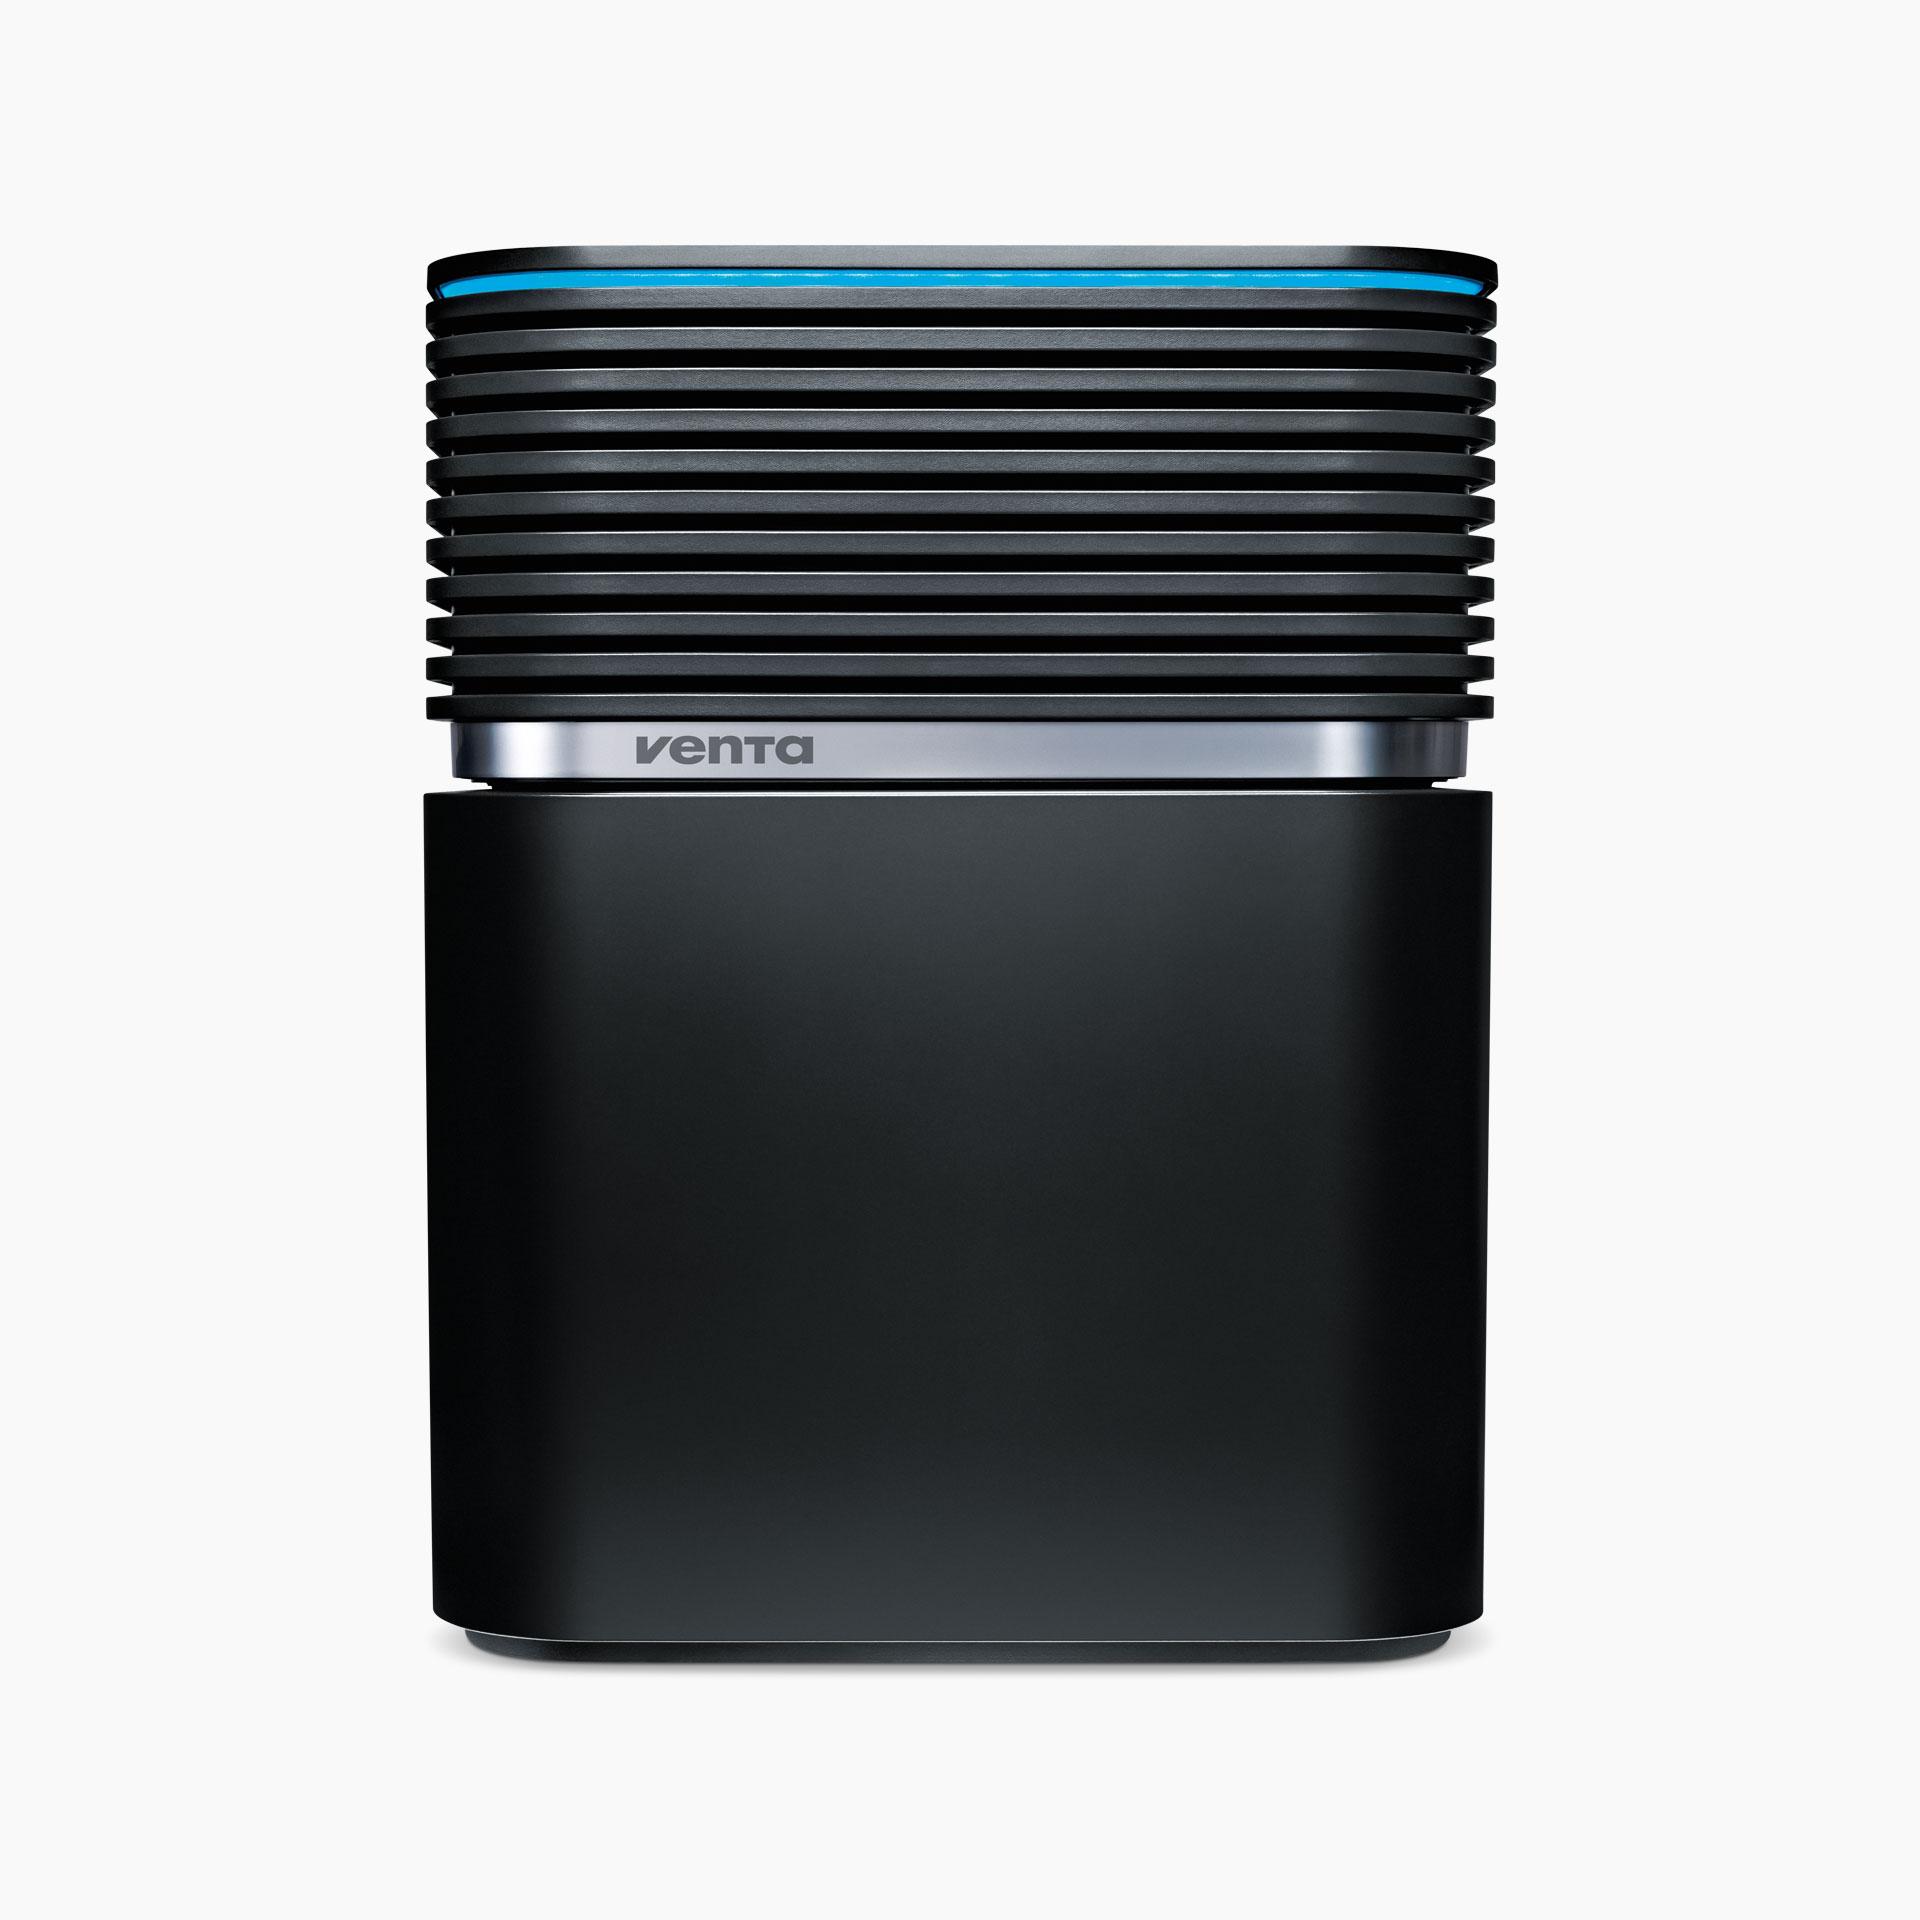 AeroStyle LW74 WiFi